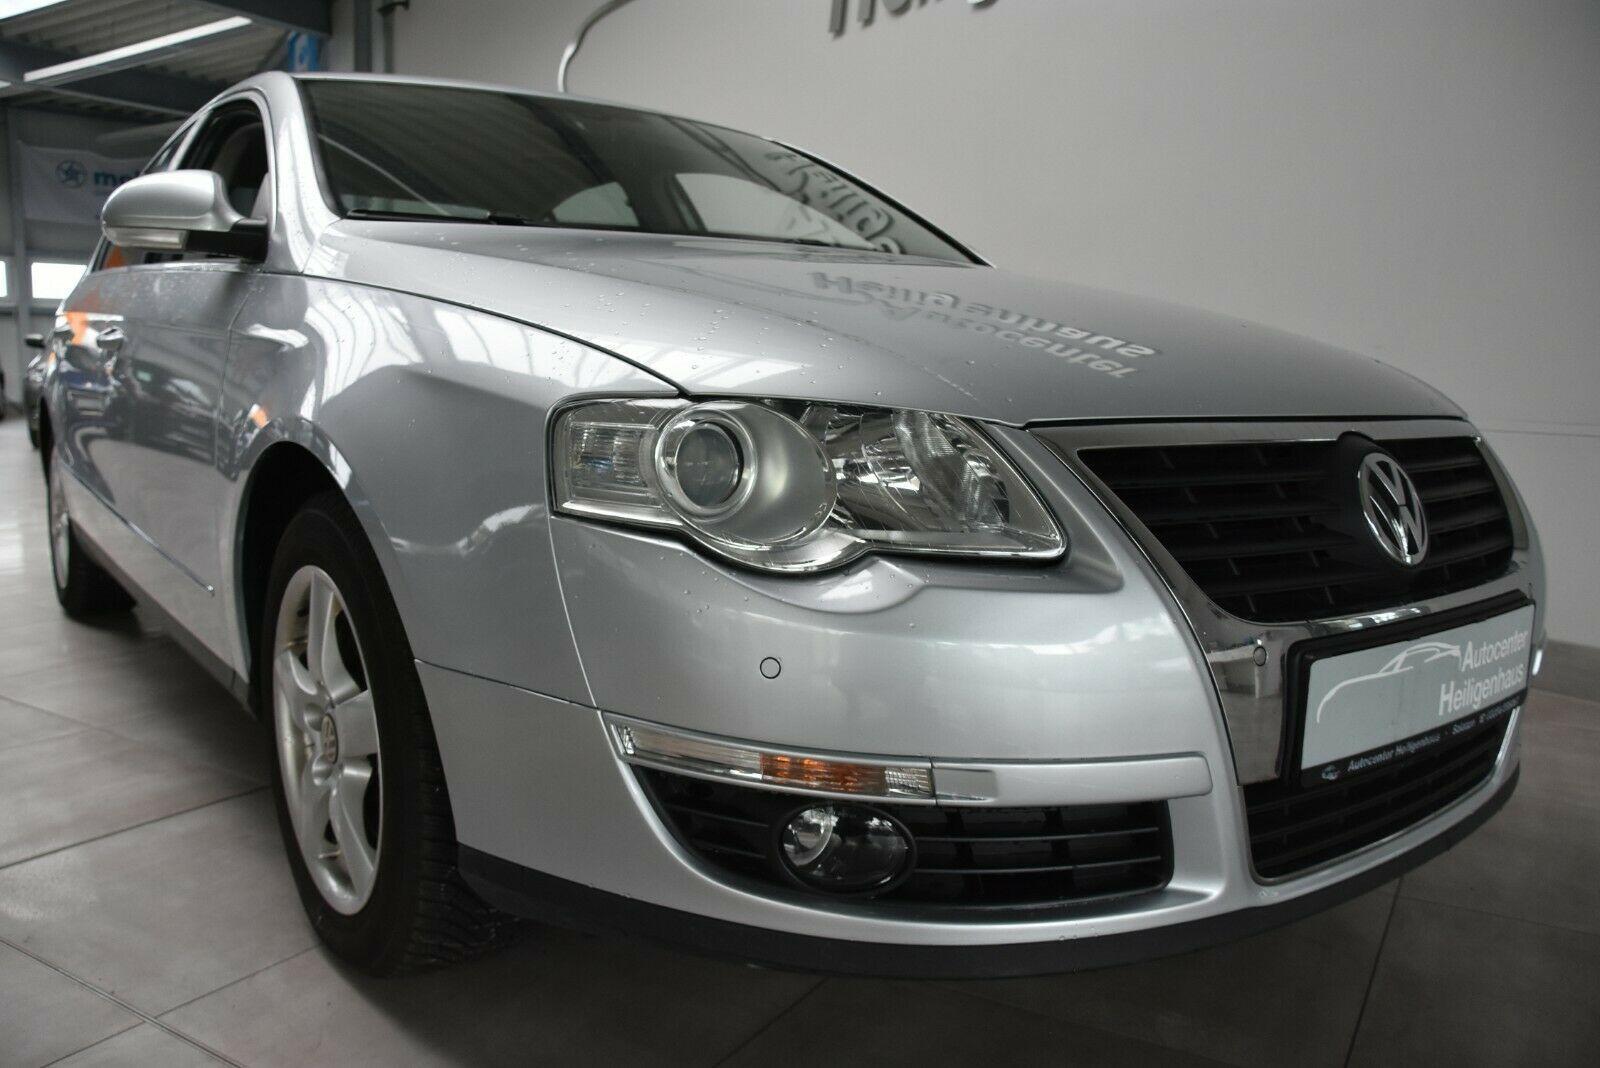 Volkswagen Passat 2.0 TDI Lim. Navi Klimaautom Tempomat PDC